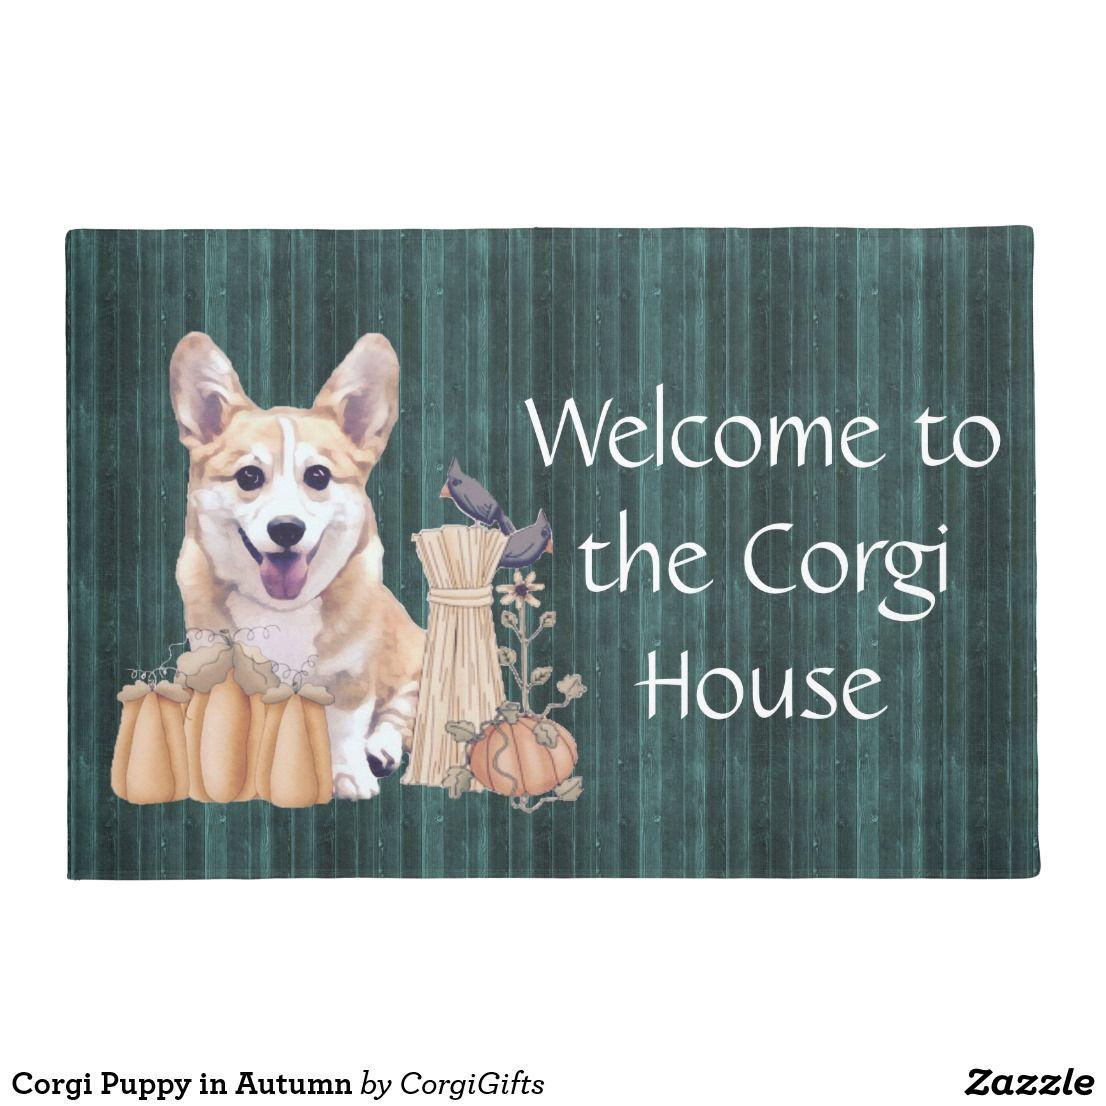 Corgi puppy in autumn doormat pembroke welsh corgi gifts pinterest corgi puppy in autumn doormat kristyandbryce Images